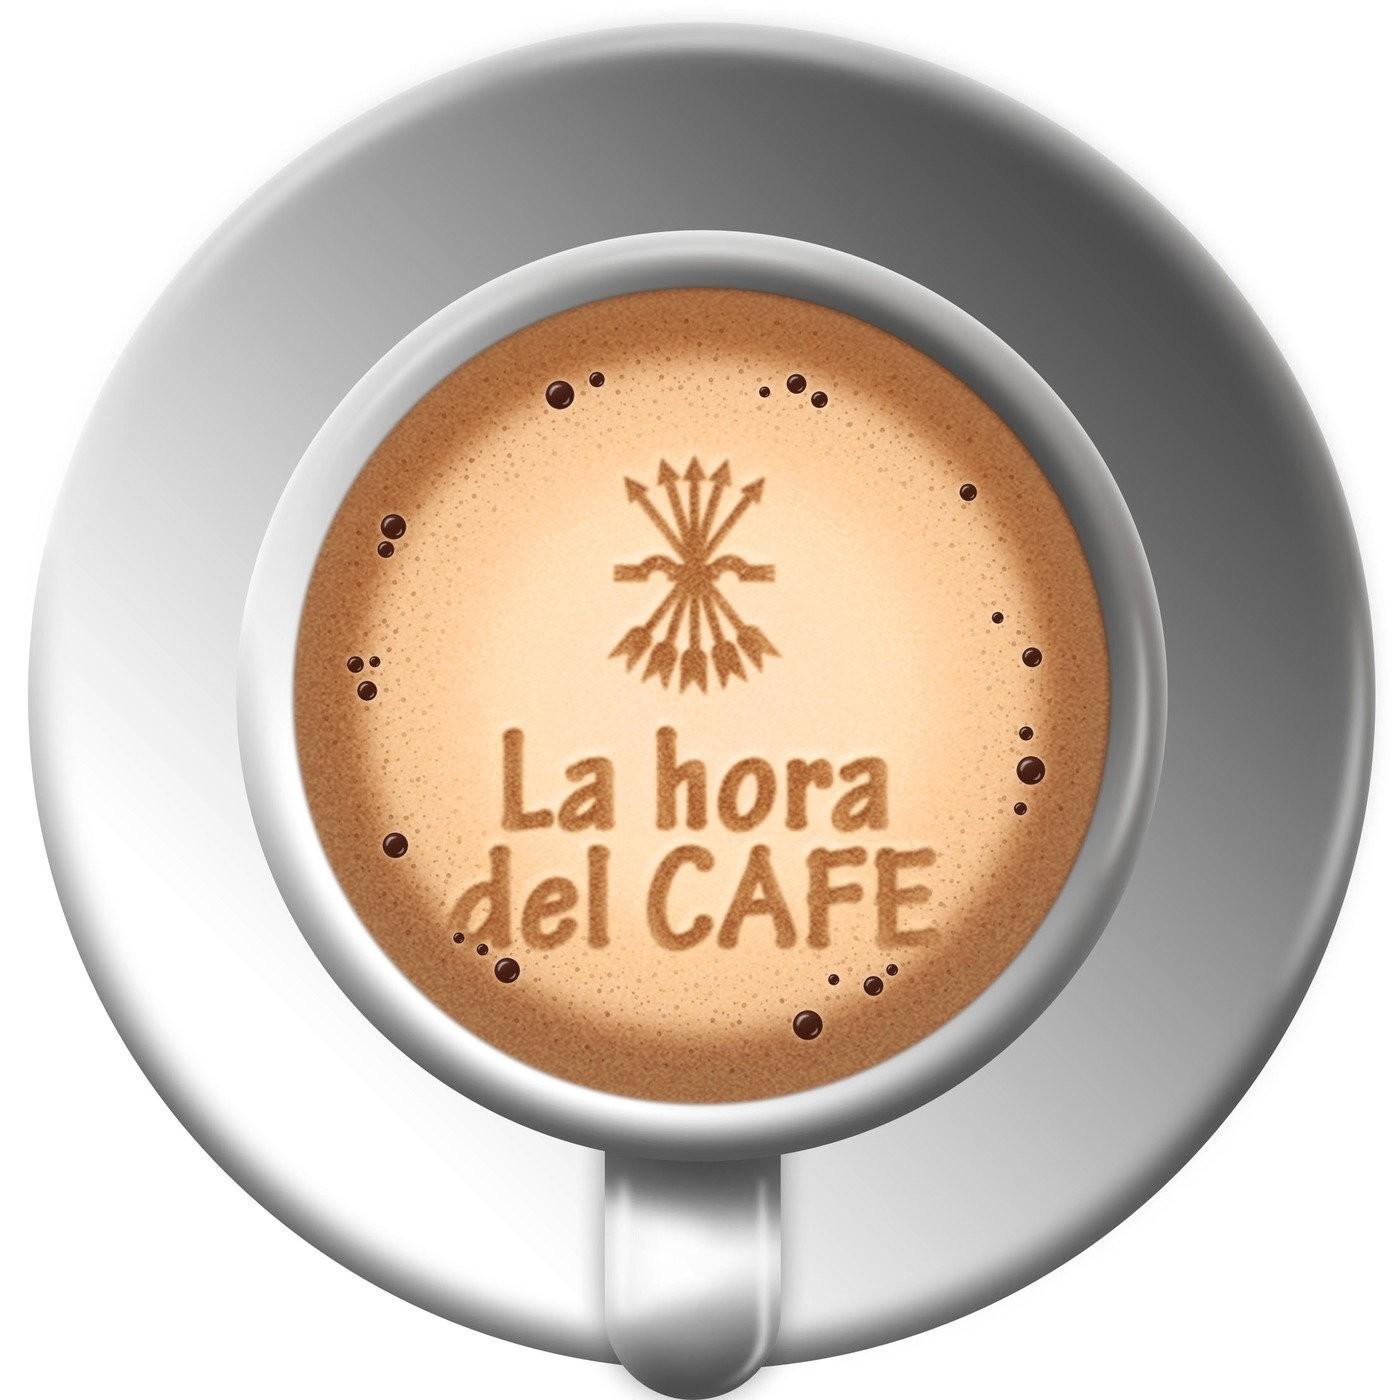 Próxima edición de la hora del CAFE Nº71